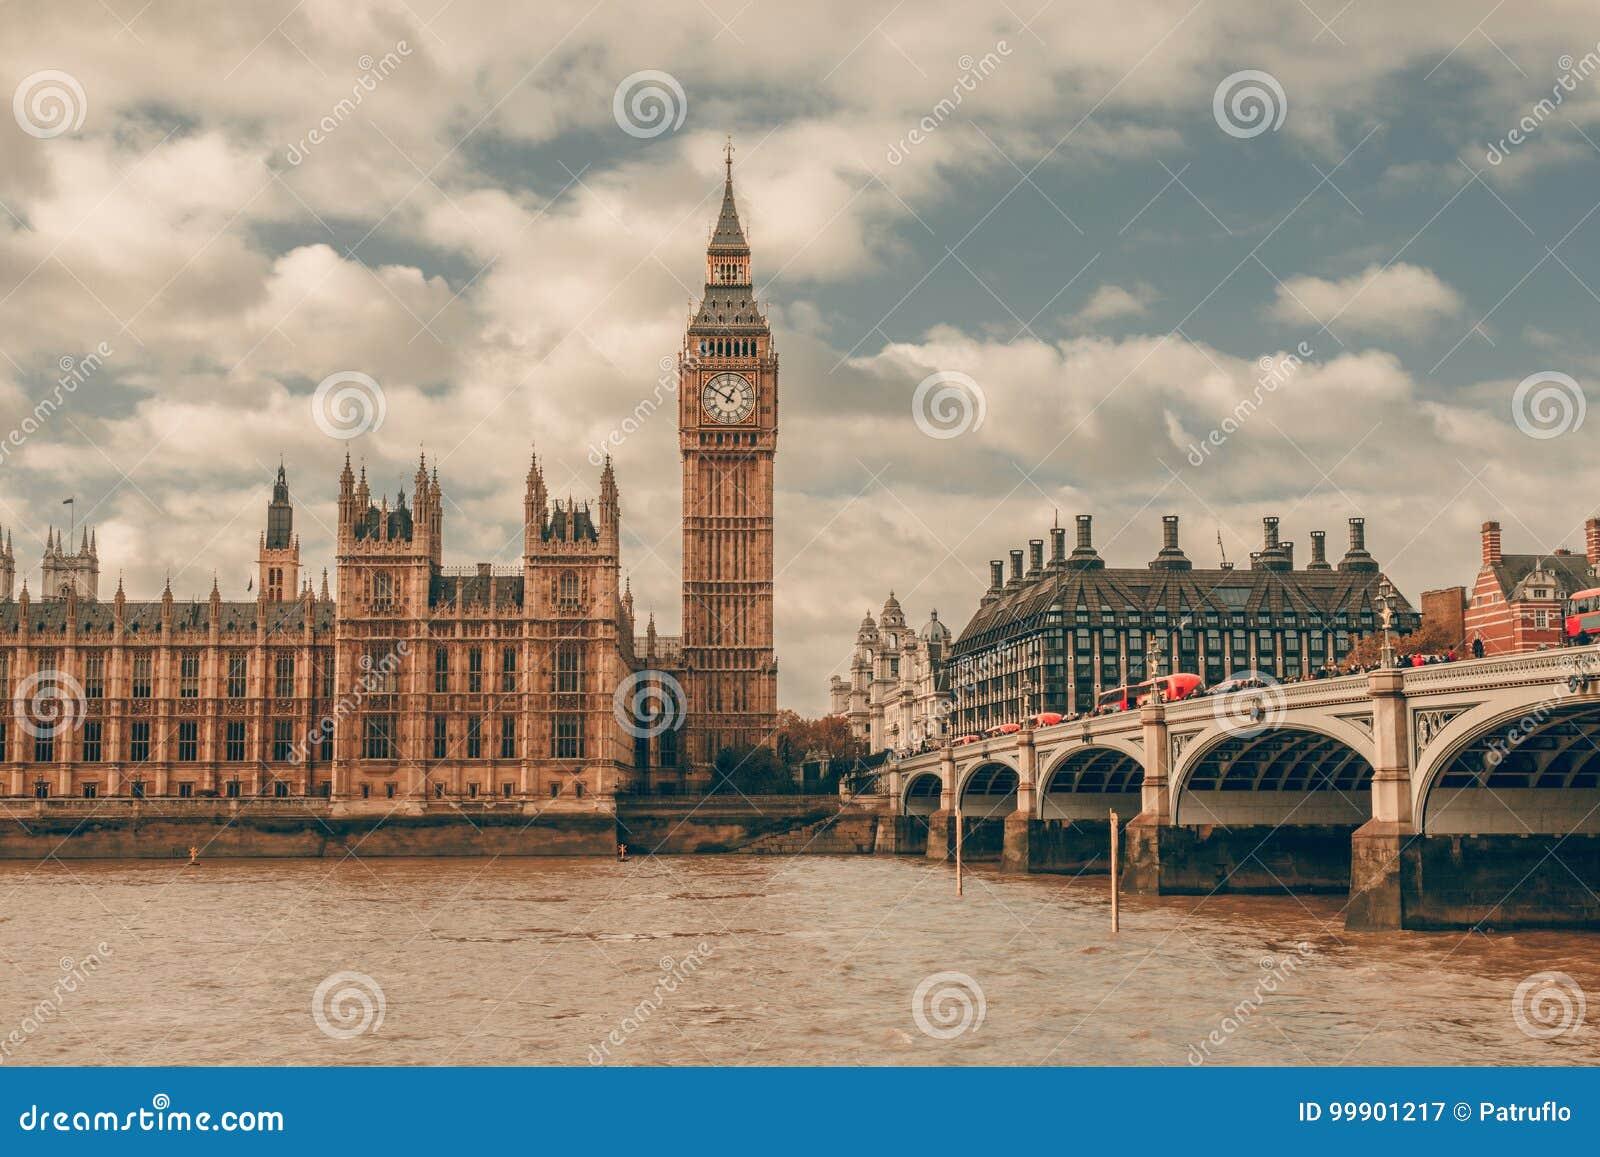 伦敦英国 大本钟在泰晤士河的威斯敏斯特宫殿